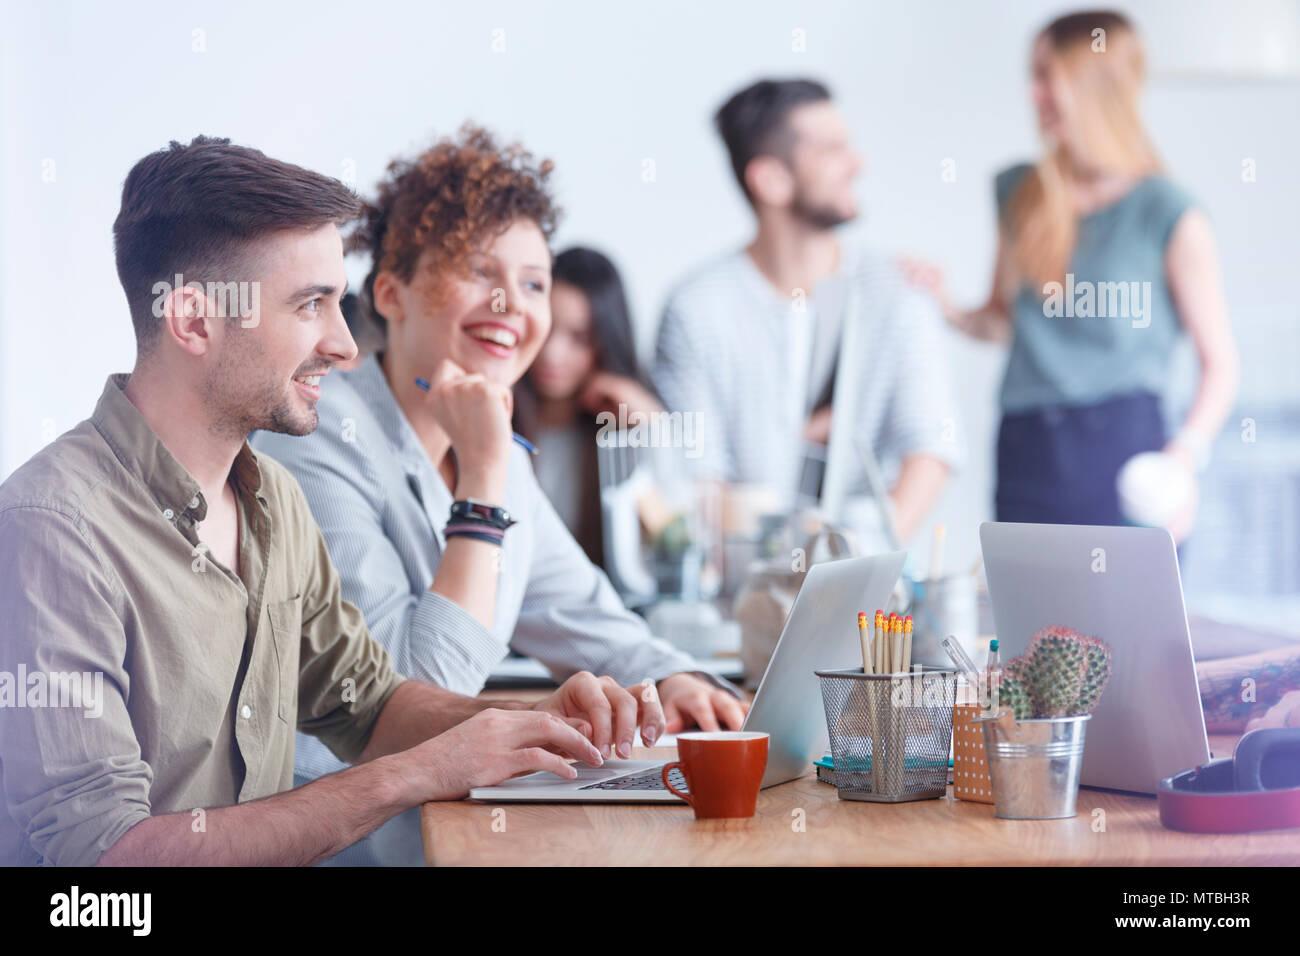 Groupe de collègues à une pause-café avoir une discussion intéressante Photo Stock